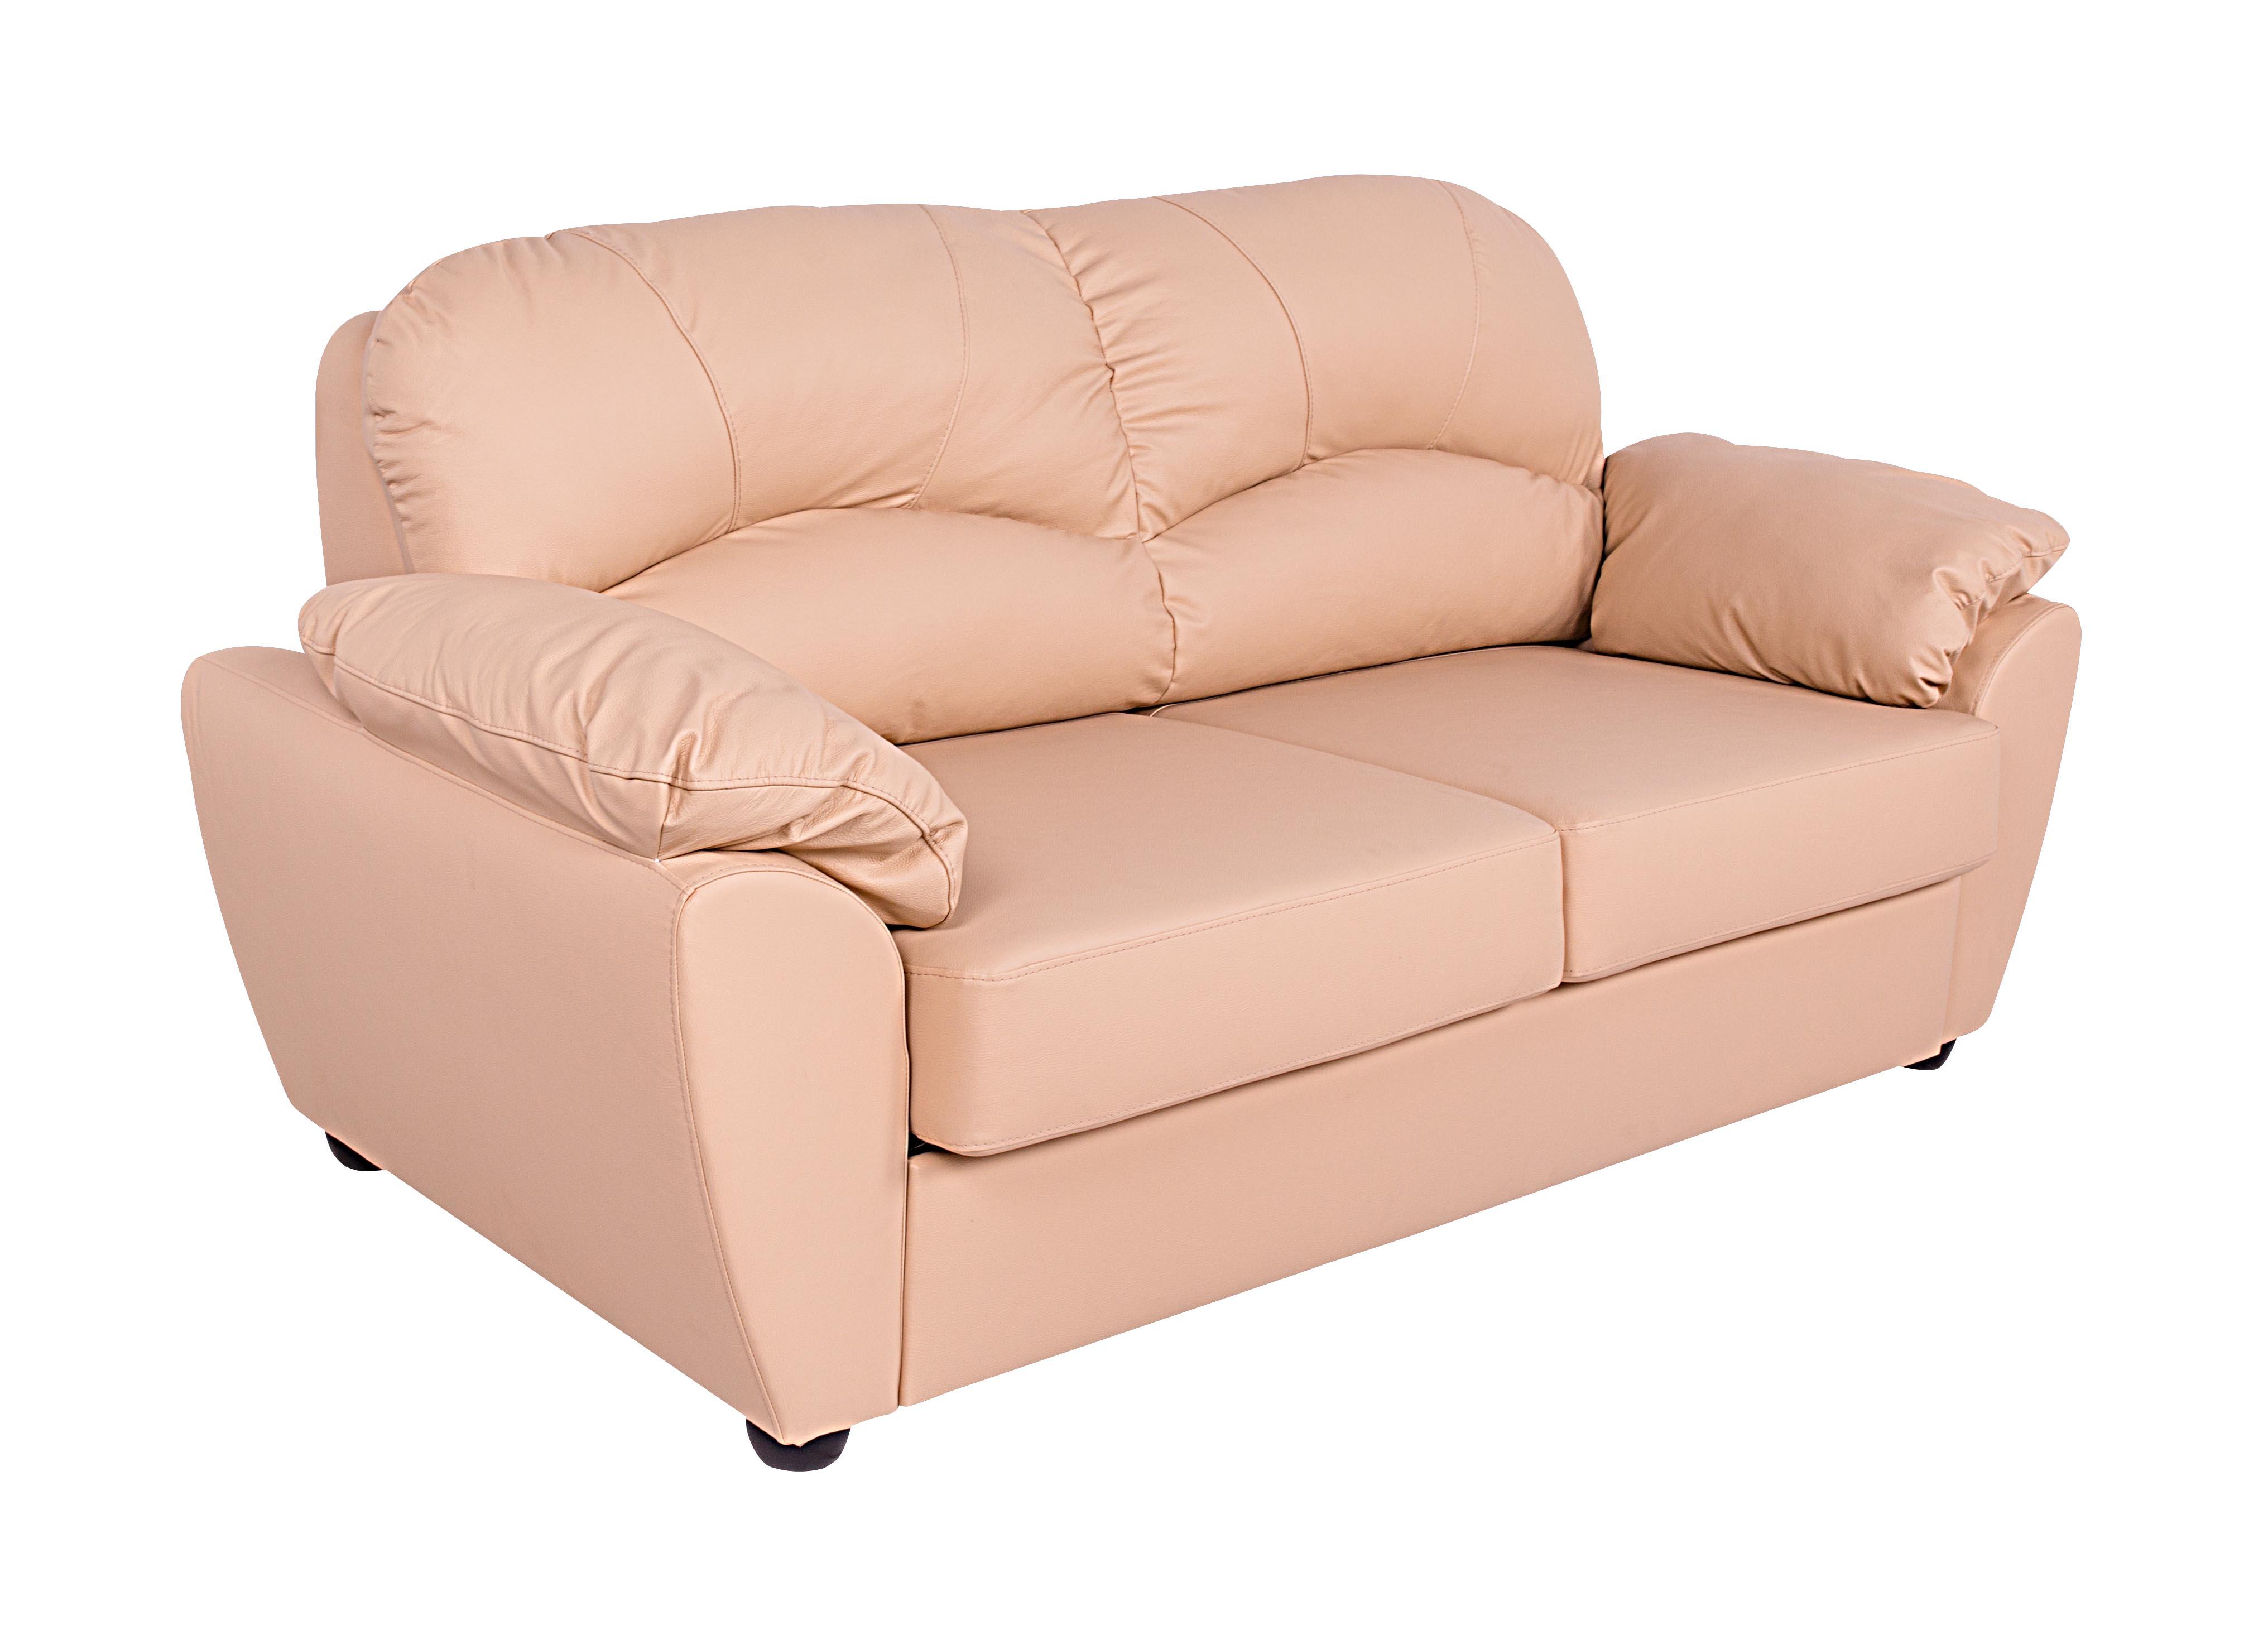 купить раскладной диван в питере